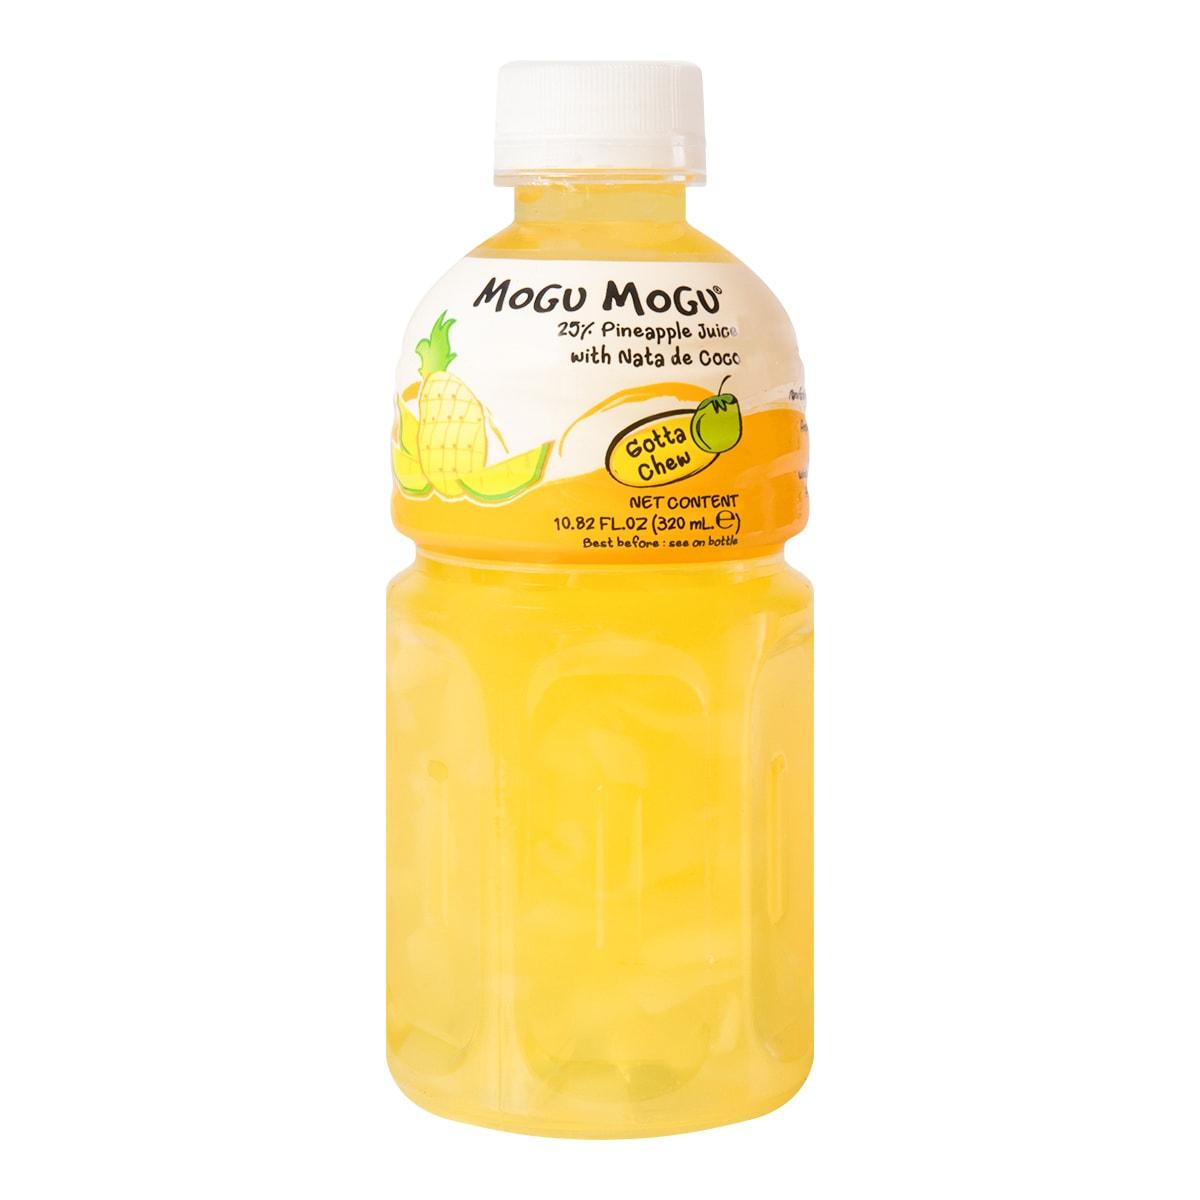 泰国MOGU MOGU 果汁椰果饮料 菠萝味 320ml